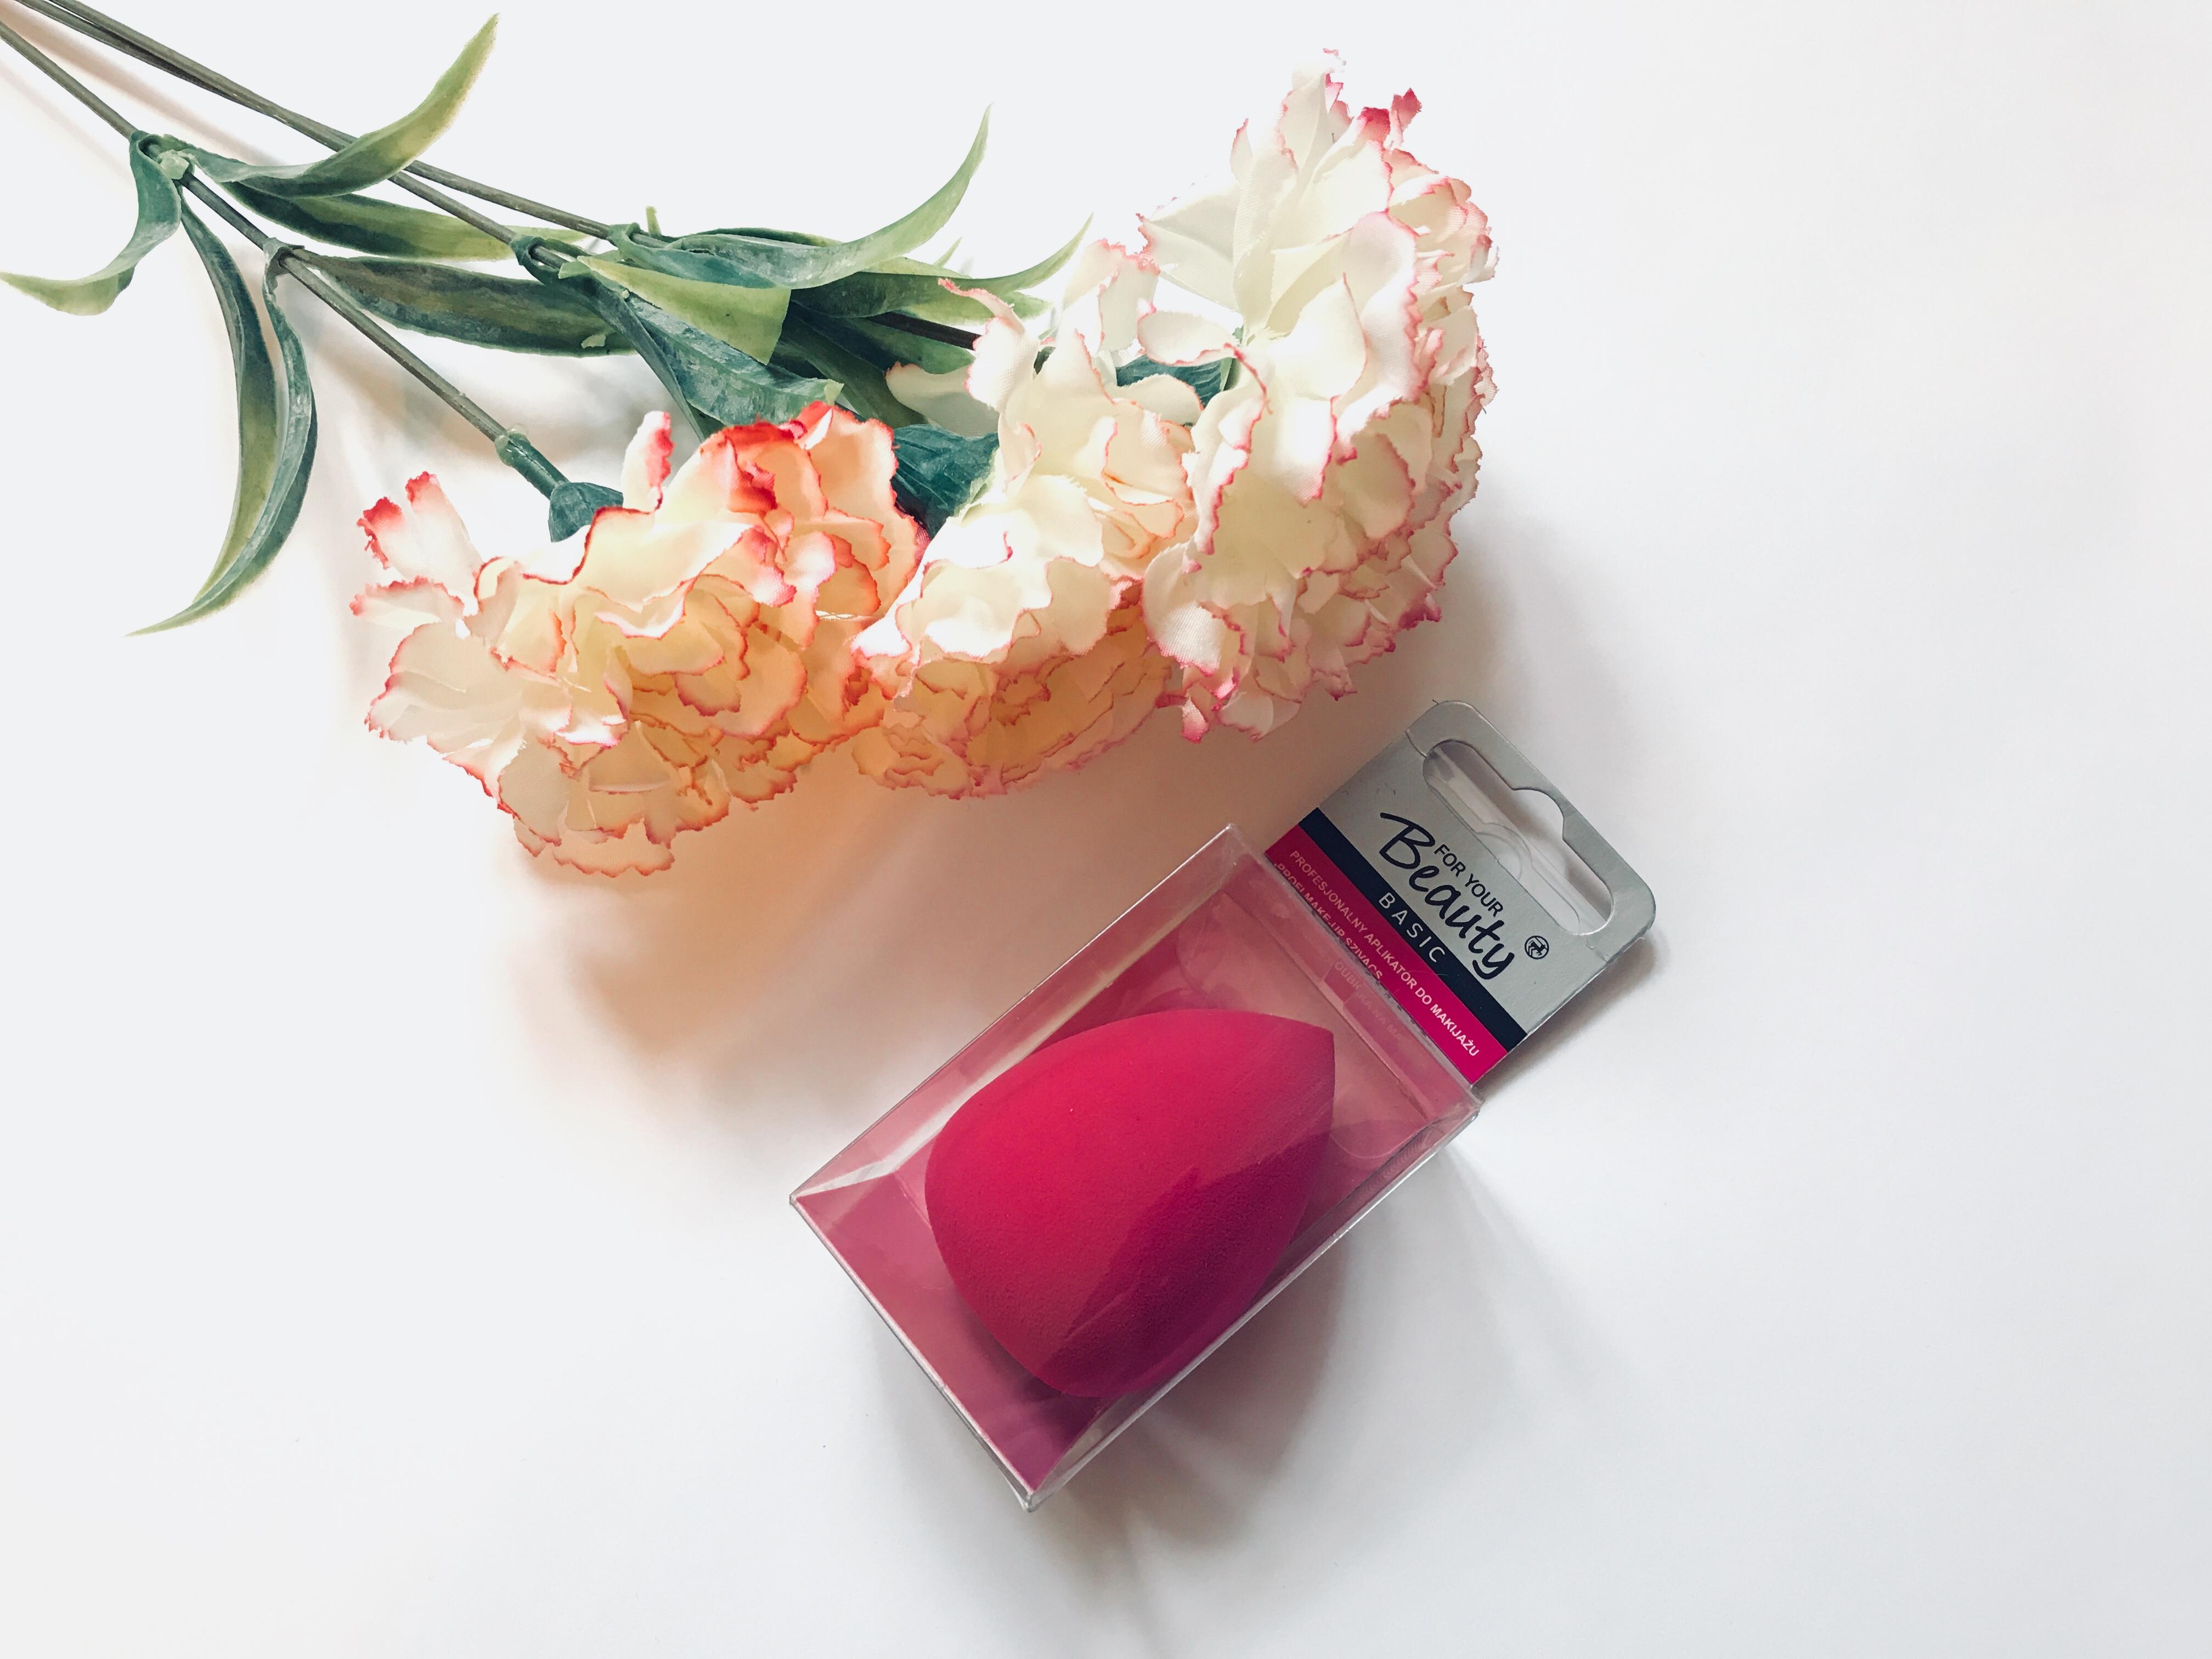 Mit tud egy drogériás sminkszivacs? - For your Beauty alapozószivacs teszt